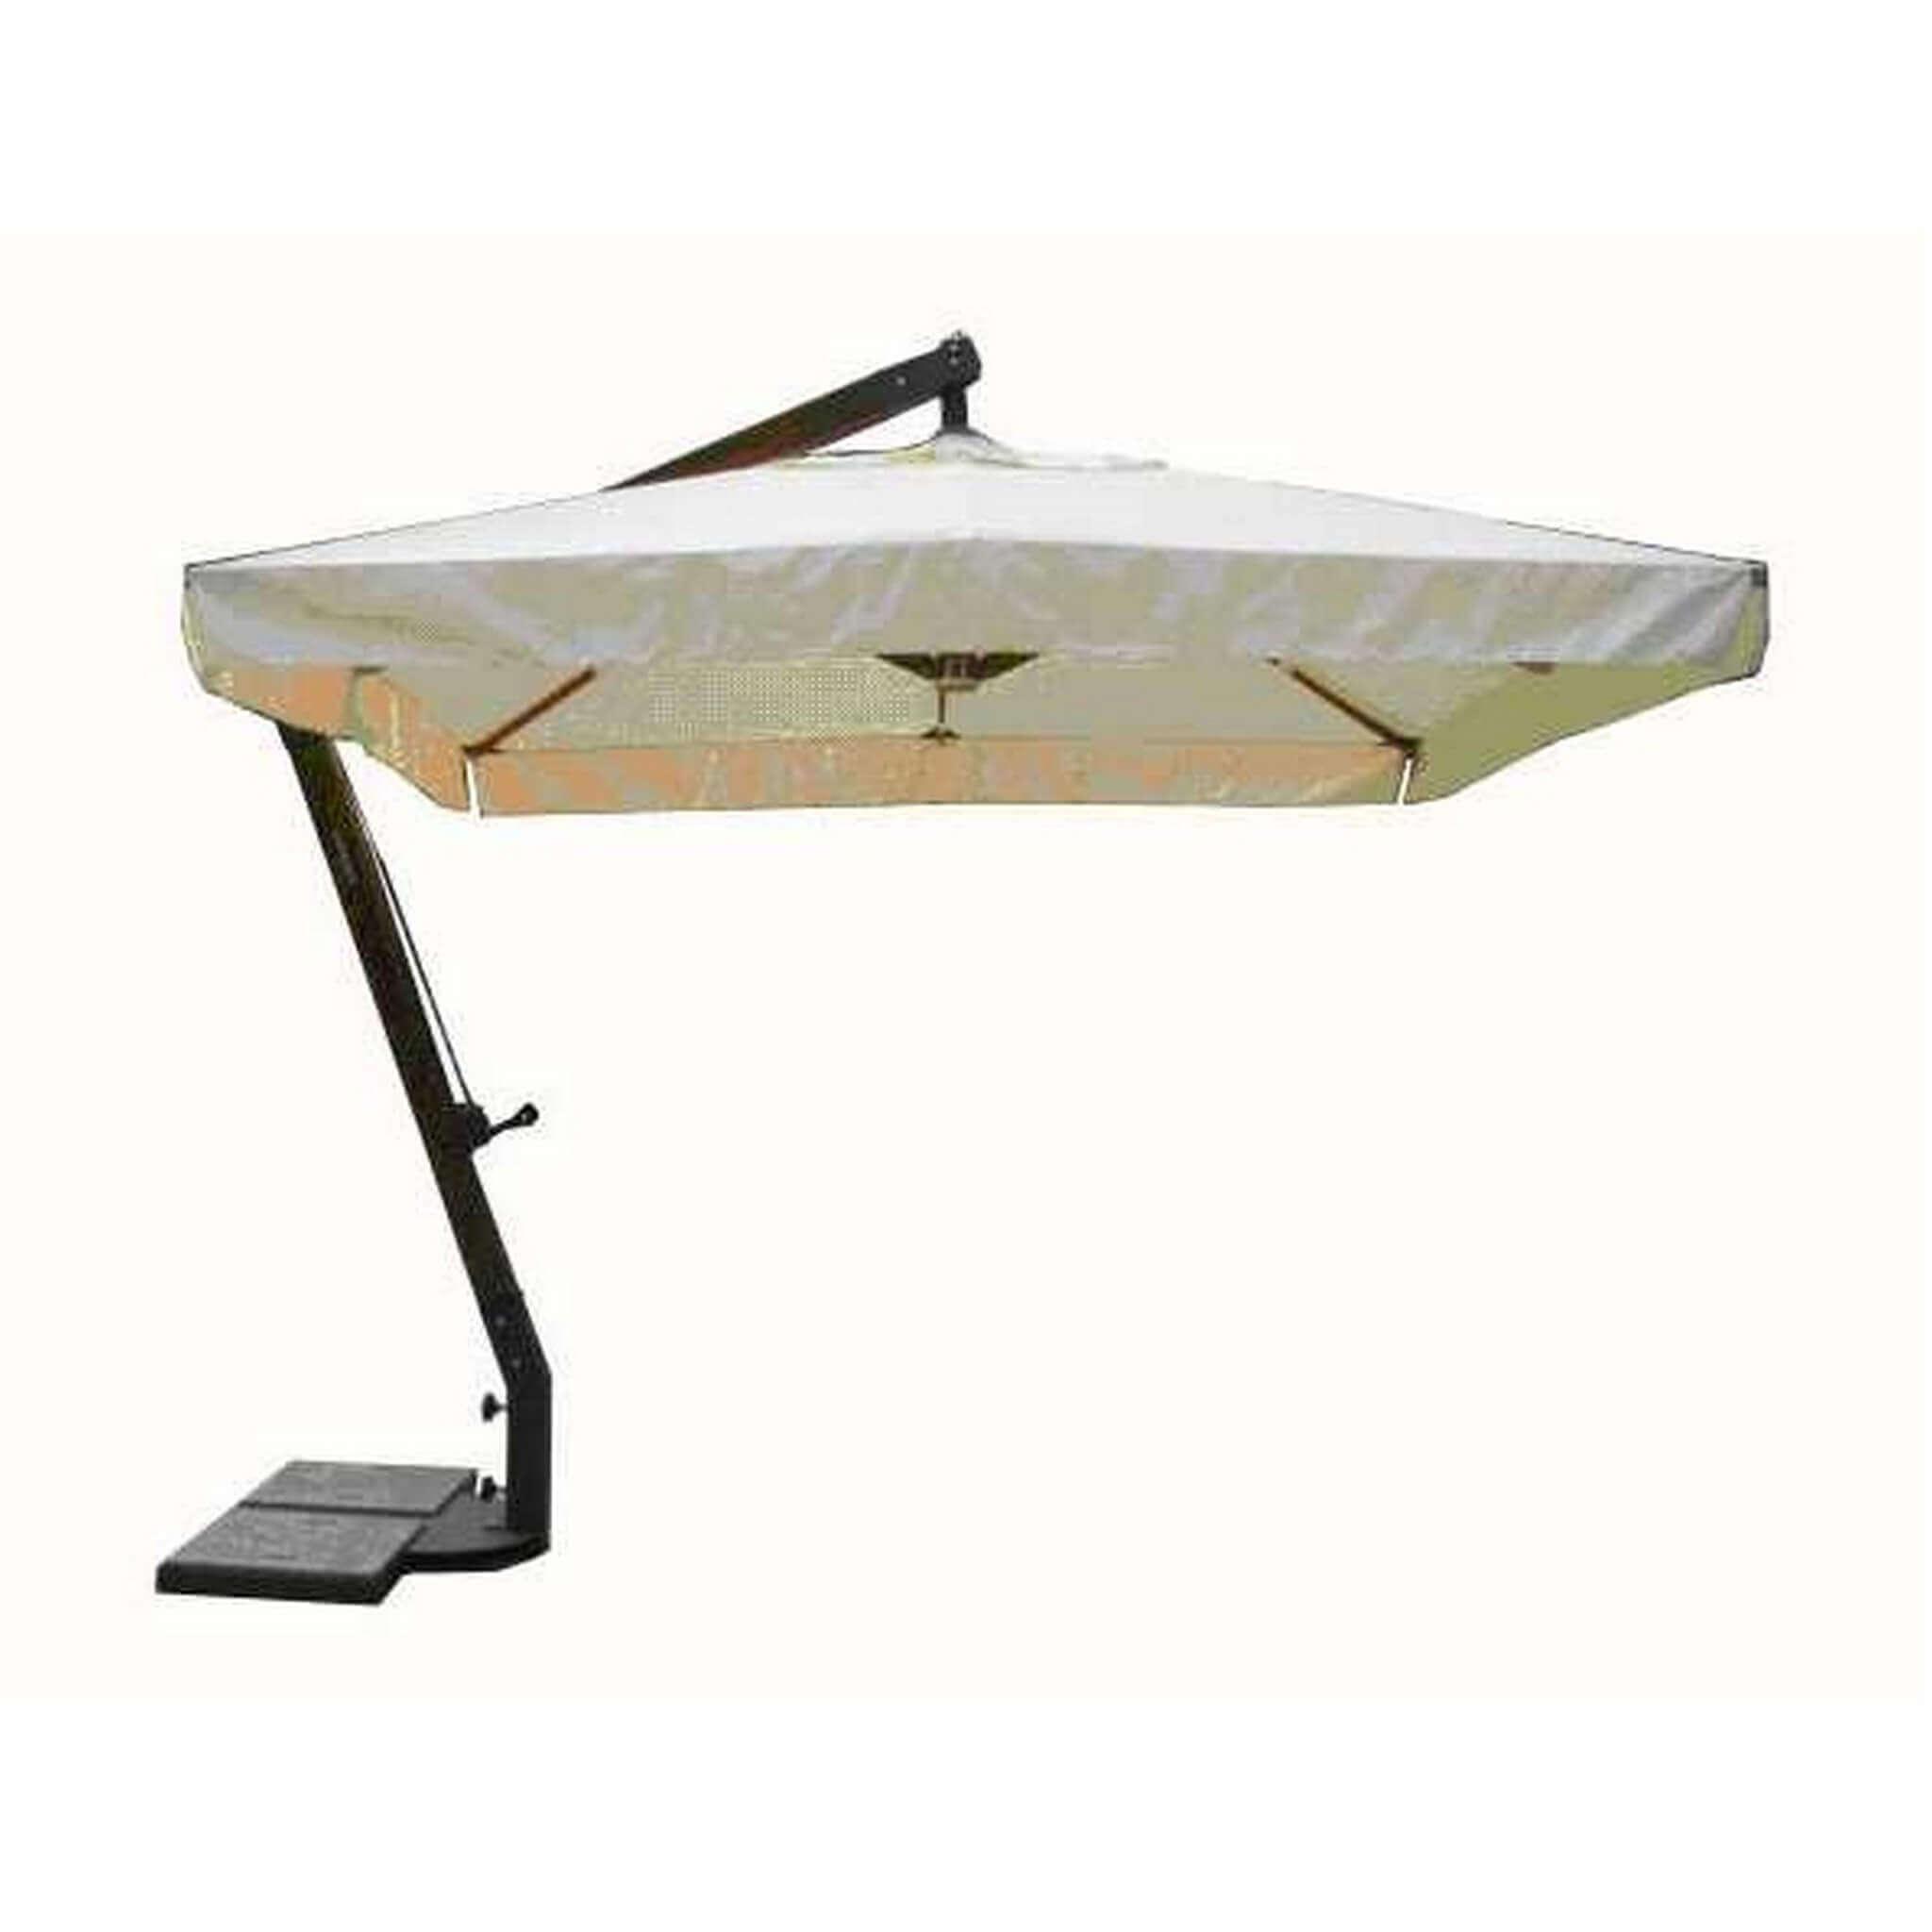 Milani Home VICTOR - ombrellone da giardino 3 x 3 decentrato